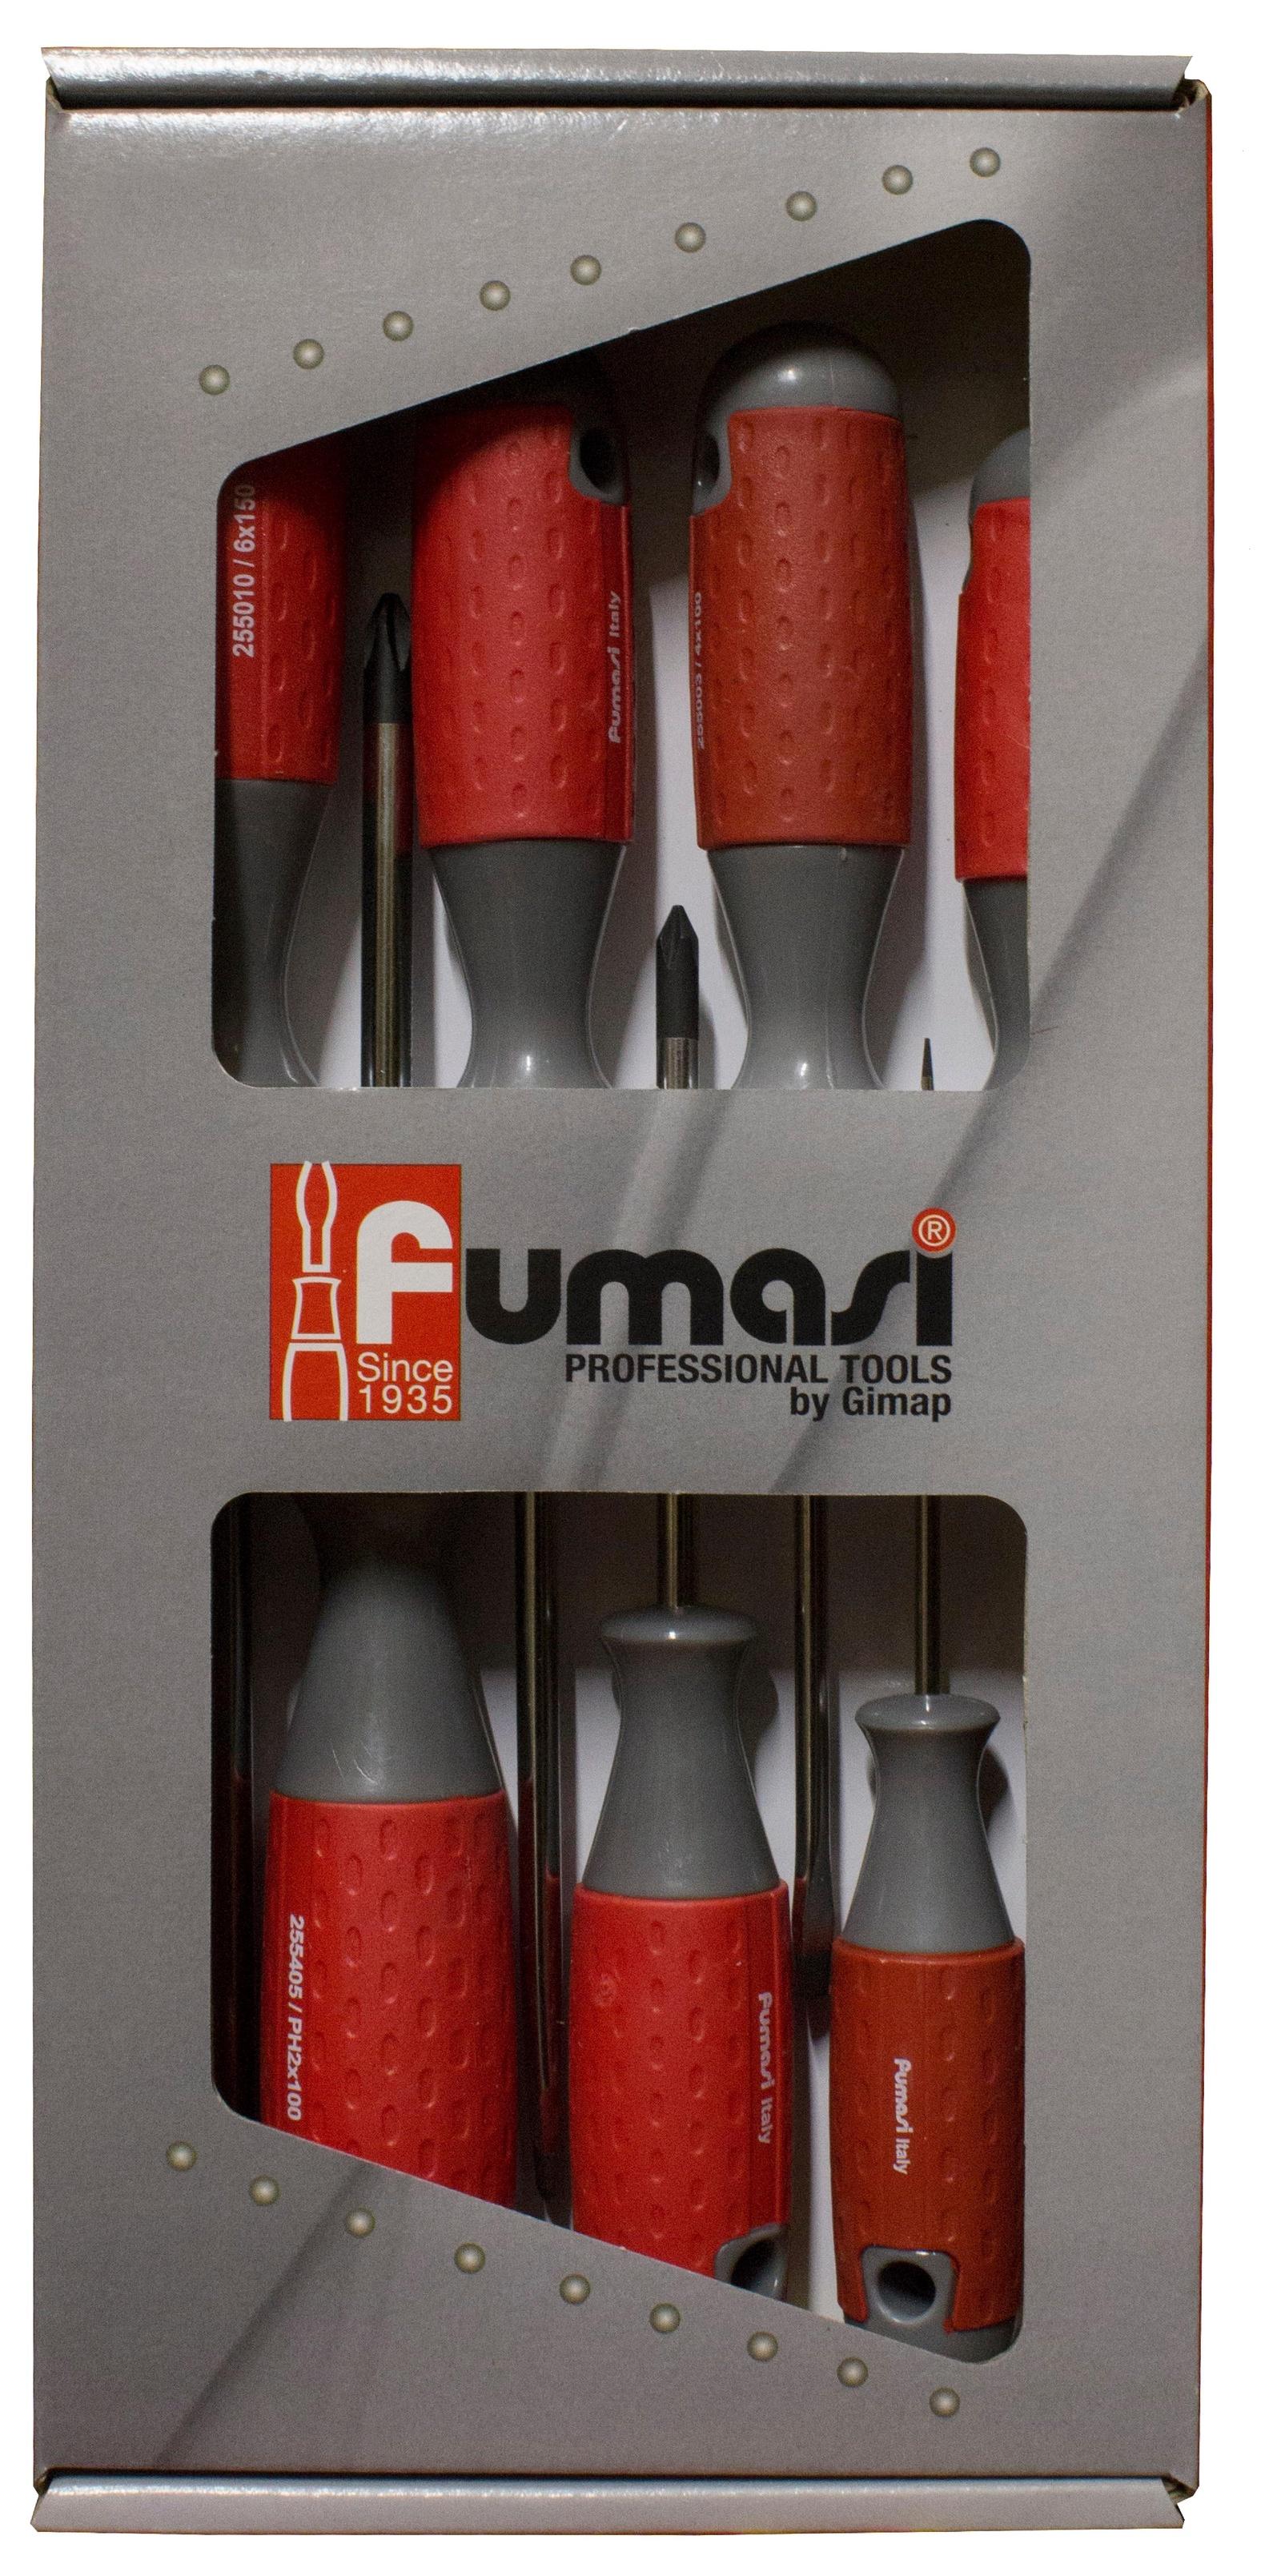 Набор отверток FUMASI 7 шт 104102104102Набор из 7 отверток в картонной коробке.Стержень выполнен из хром-молибдена, рукоять выполнена из высококачественной противоскользящей резины.Состав набора:SL - 0,5*3*75ммSL - 0,6*3*75ммSL - 0,8*4*100ммSL - 1*5*125ммSL - 1,2*6*125ммPH1 - 4,5*80ммPH2 - 6*100 мм